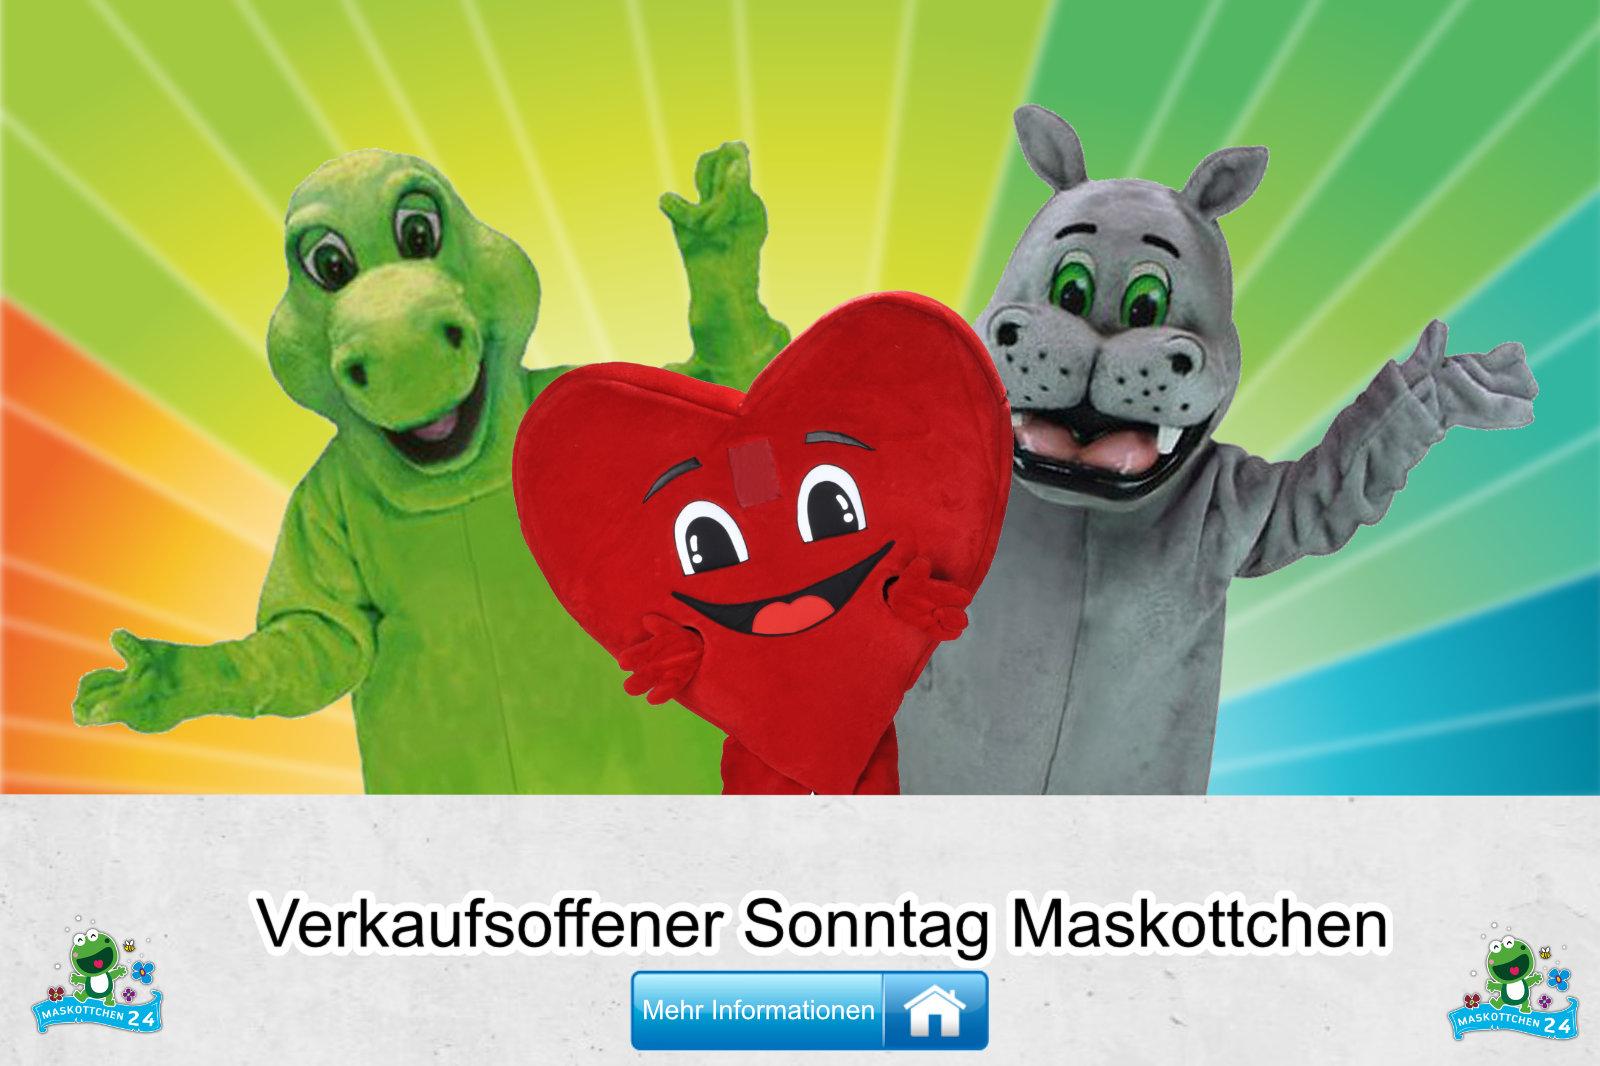 Verkausoffener Sonntag Kostüme Maskottchen Herstellung Firma günstig kaufen